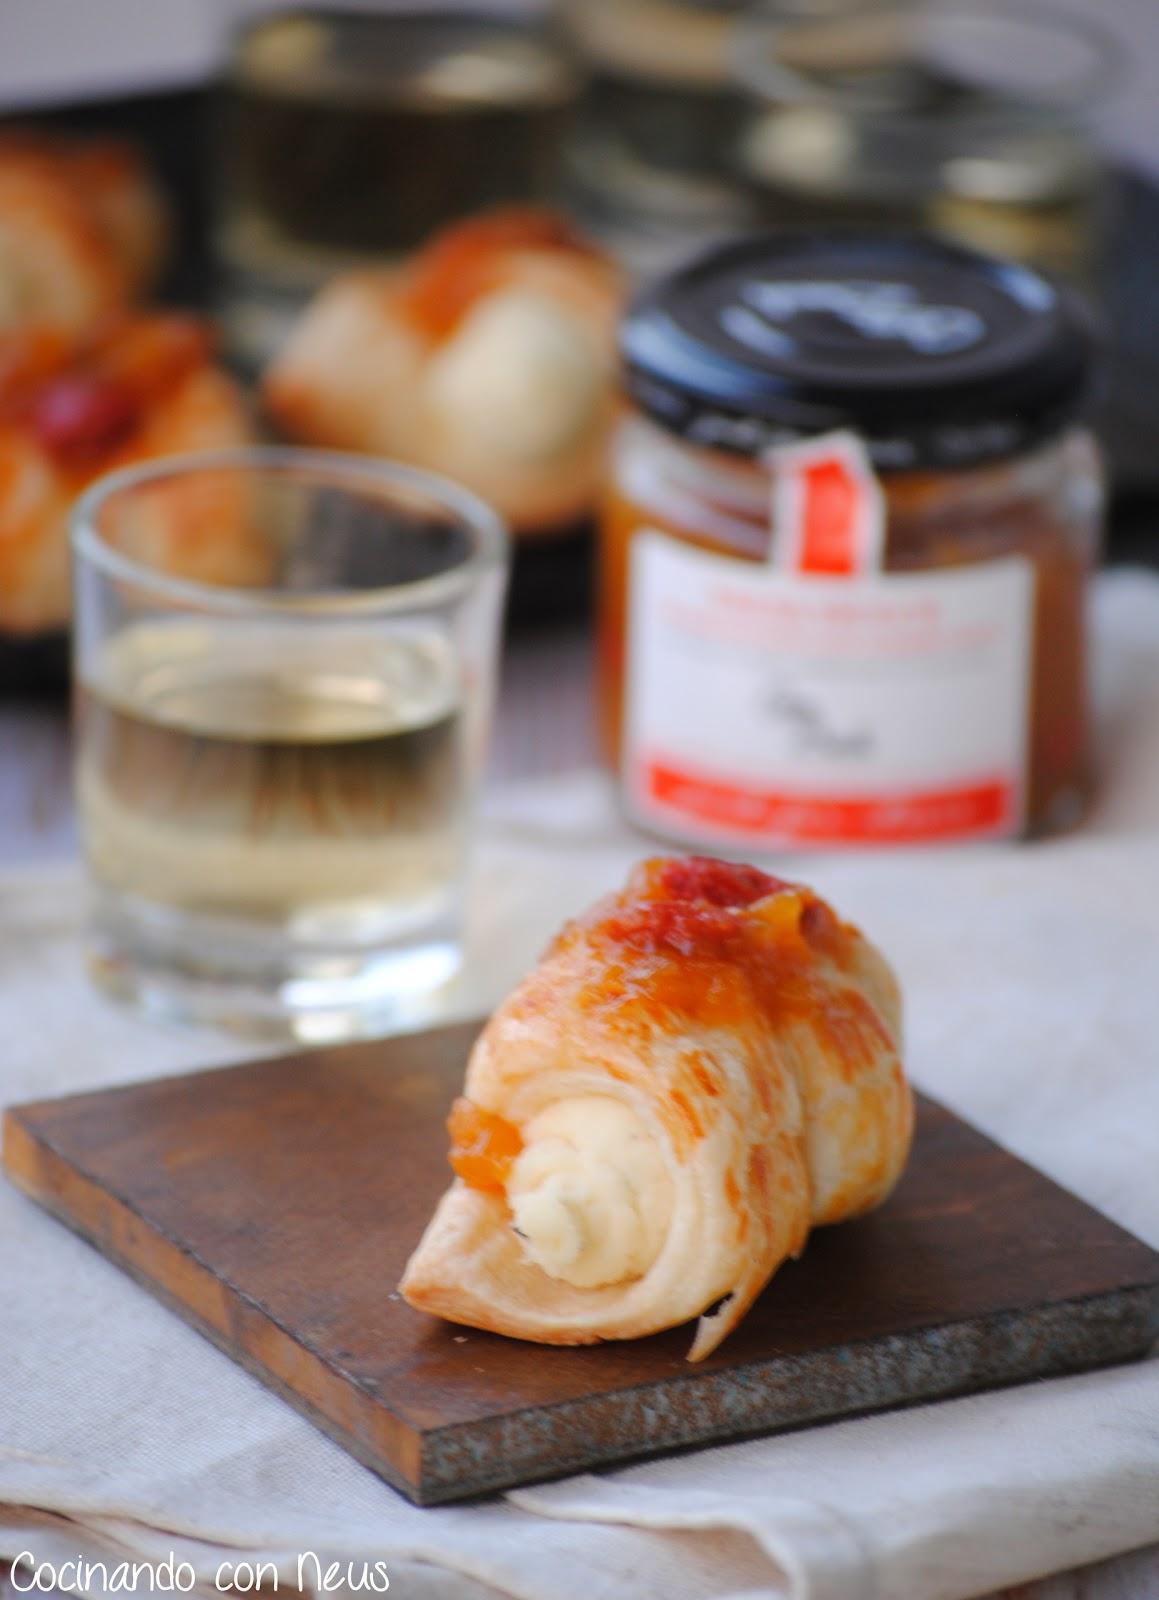 Mini canutillos de brie con salsa dulce de melocotón y albaricoque con bayas de goji de Can Bech-cocinando-con-neus